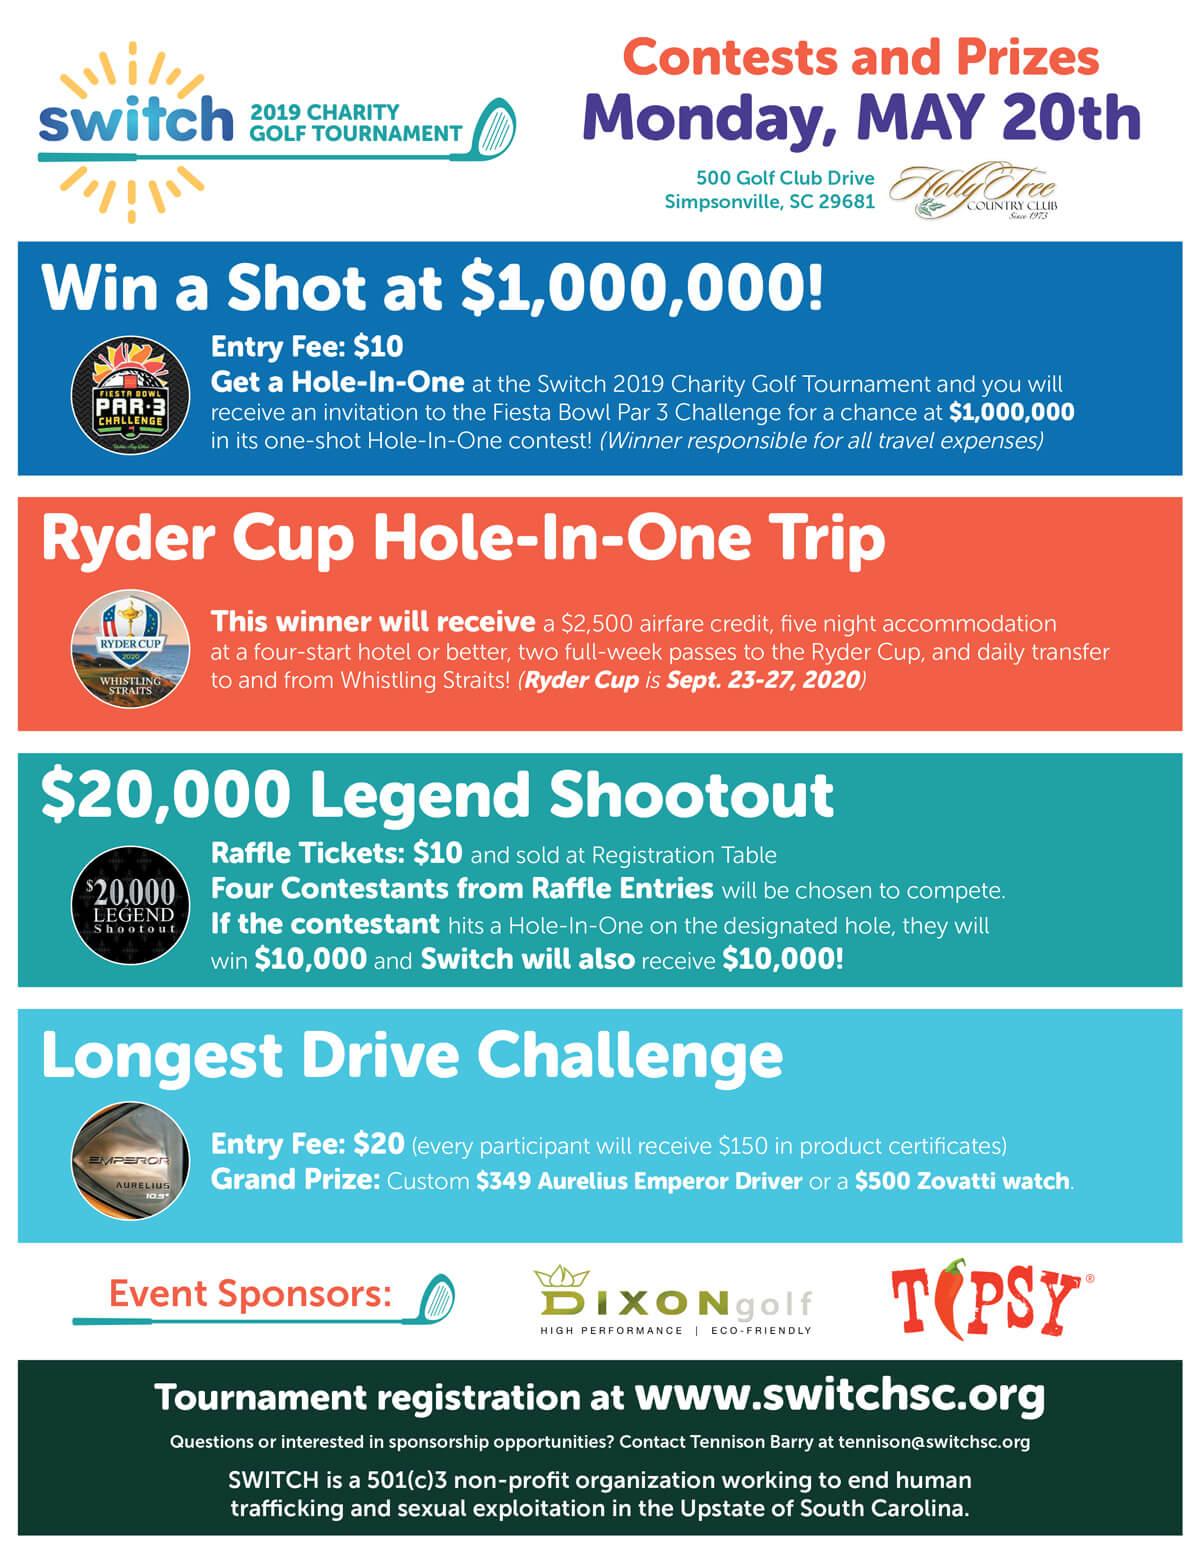 SWITCH-2019-Golf-Tournament-Flyer-FINAL-07-2.jpg